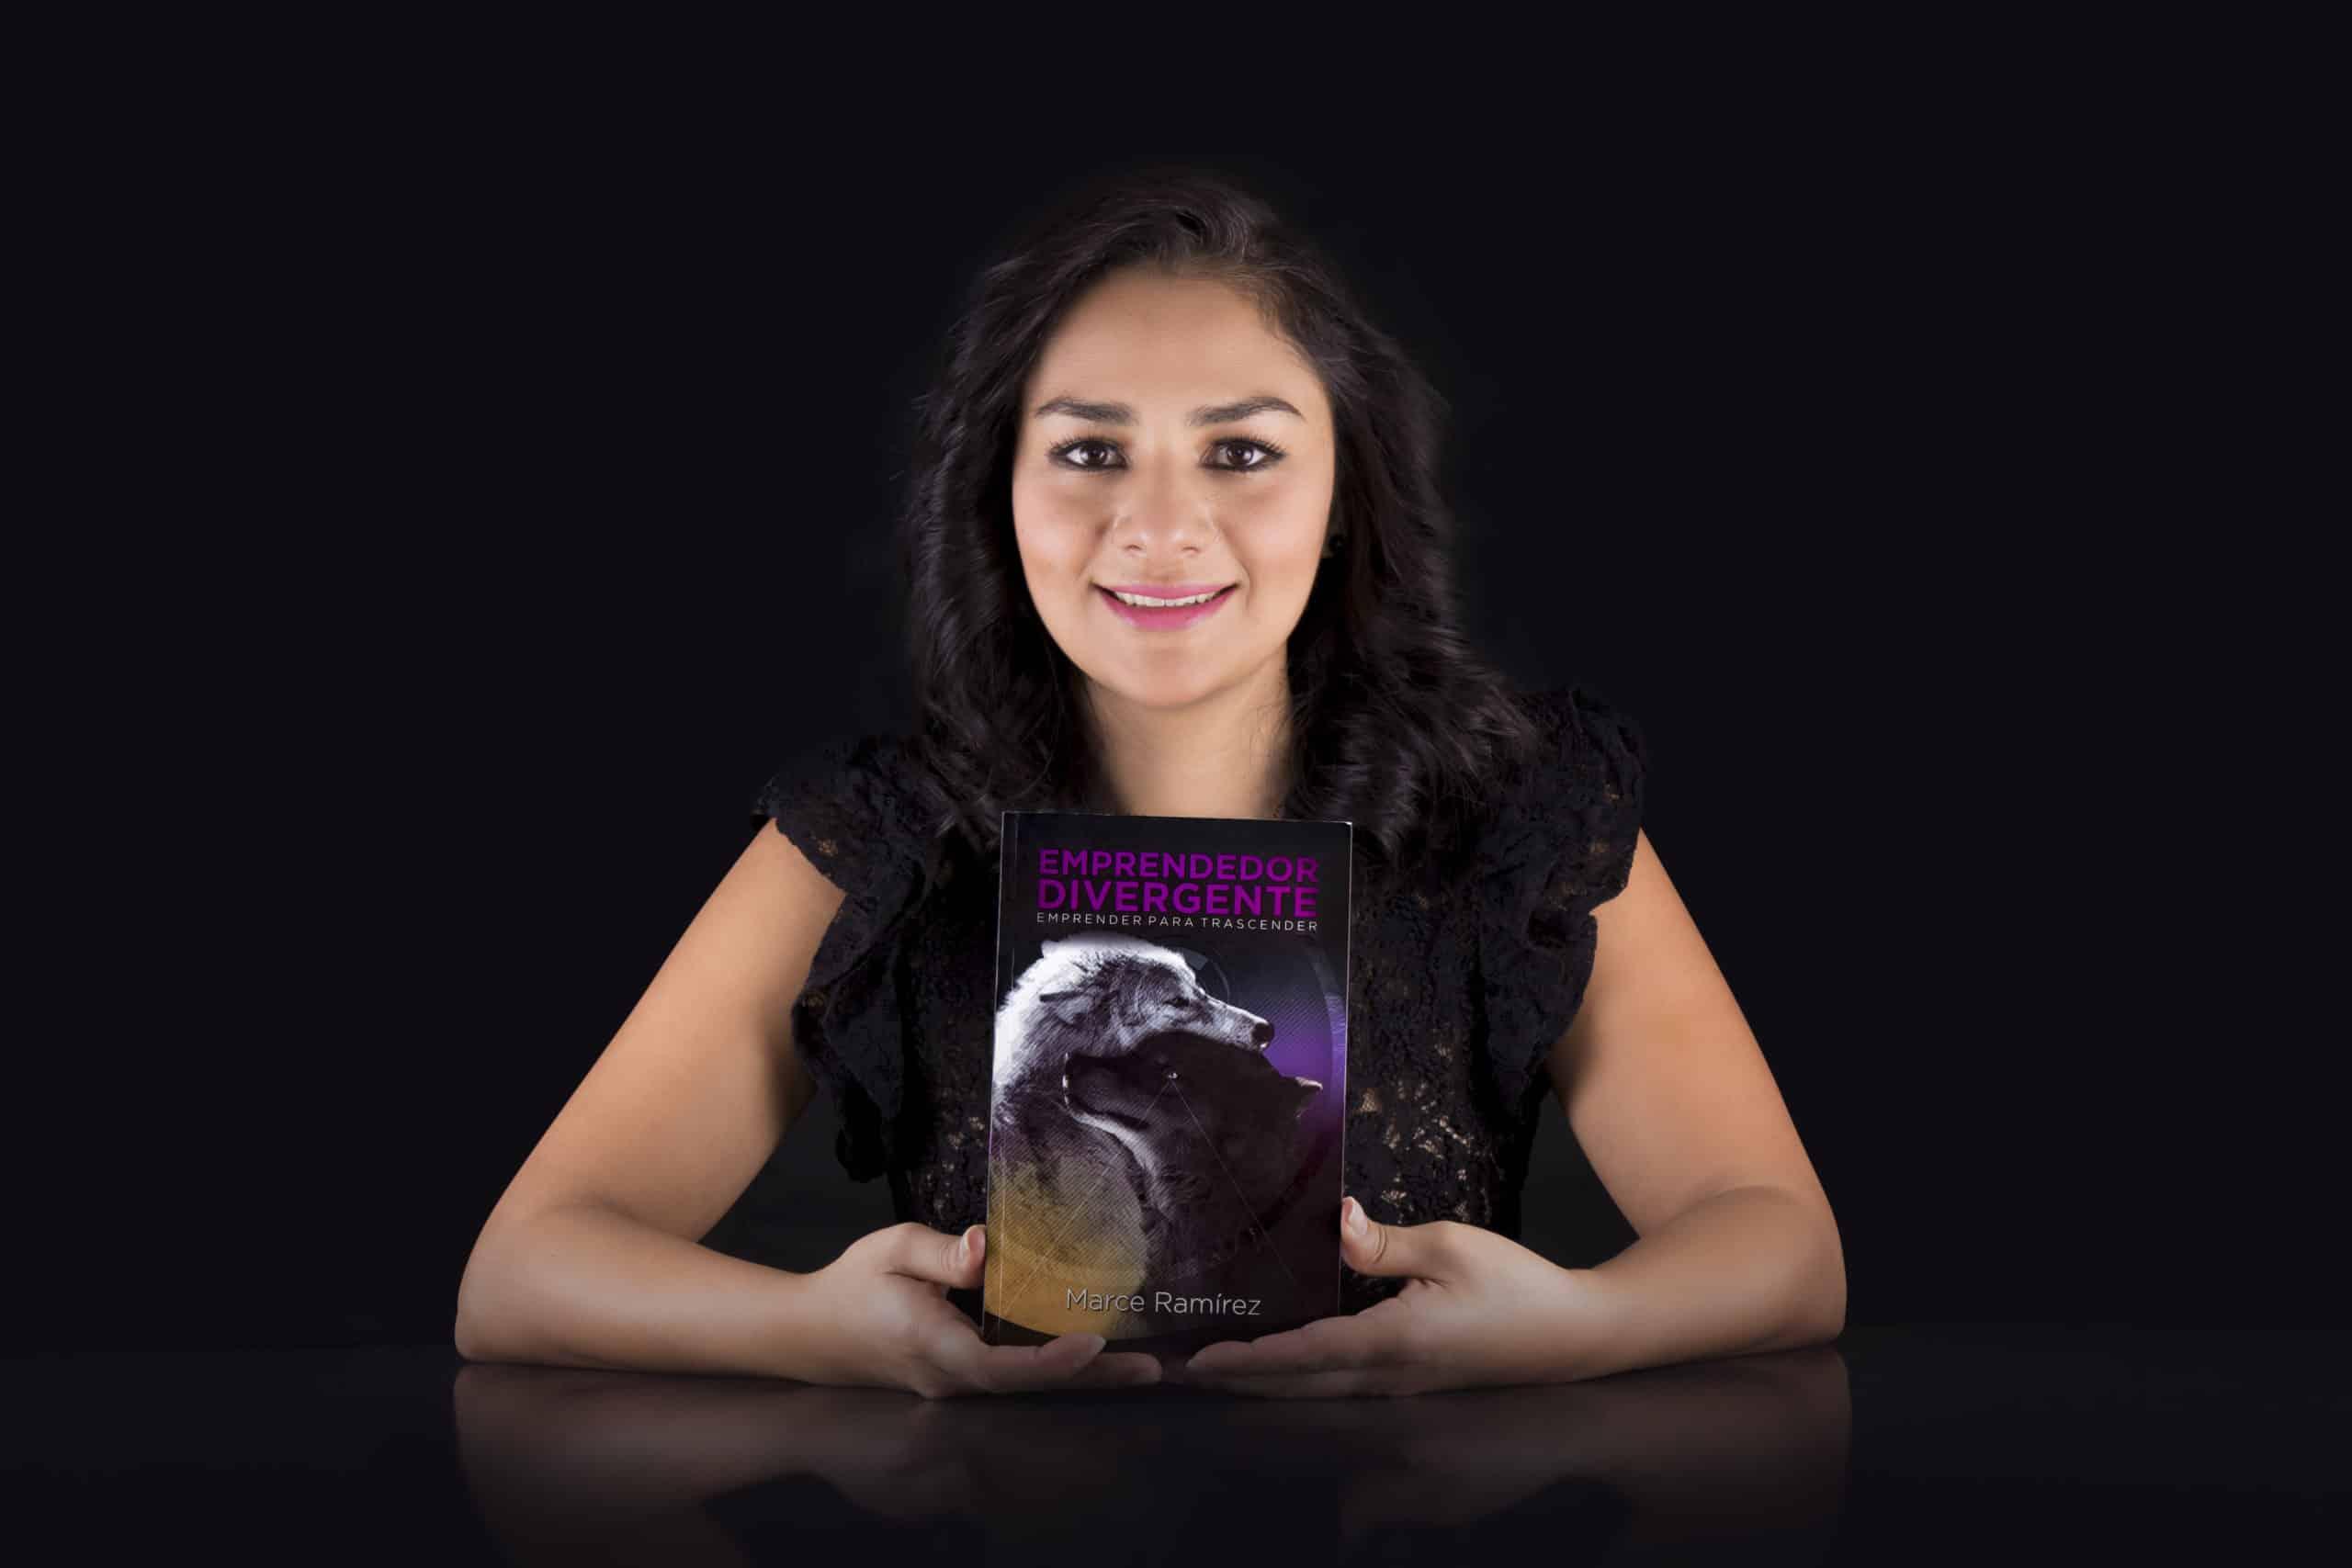 """Marcela Ramírez, egresada de Next IBS, habla de su libro """"Emprendedor divergente"""""""